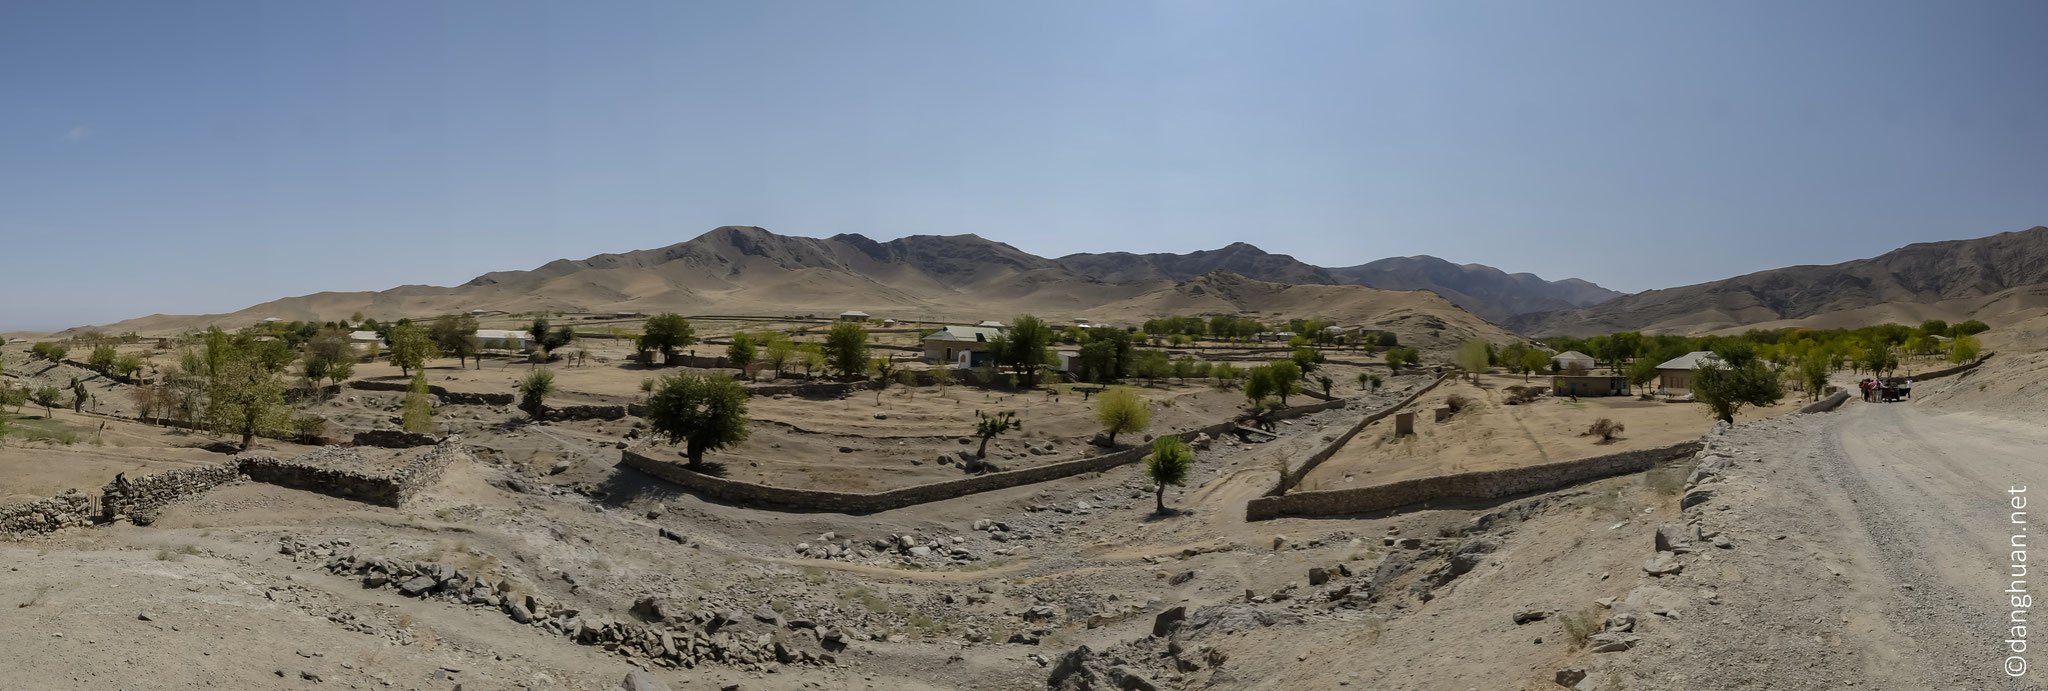 Randonnée autour du village Sintab